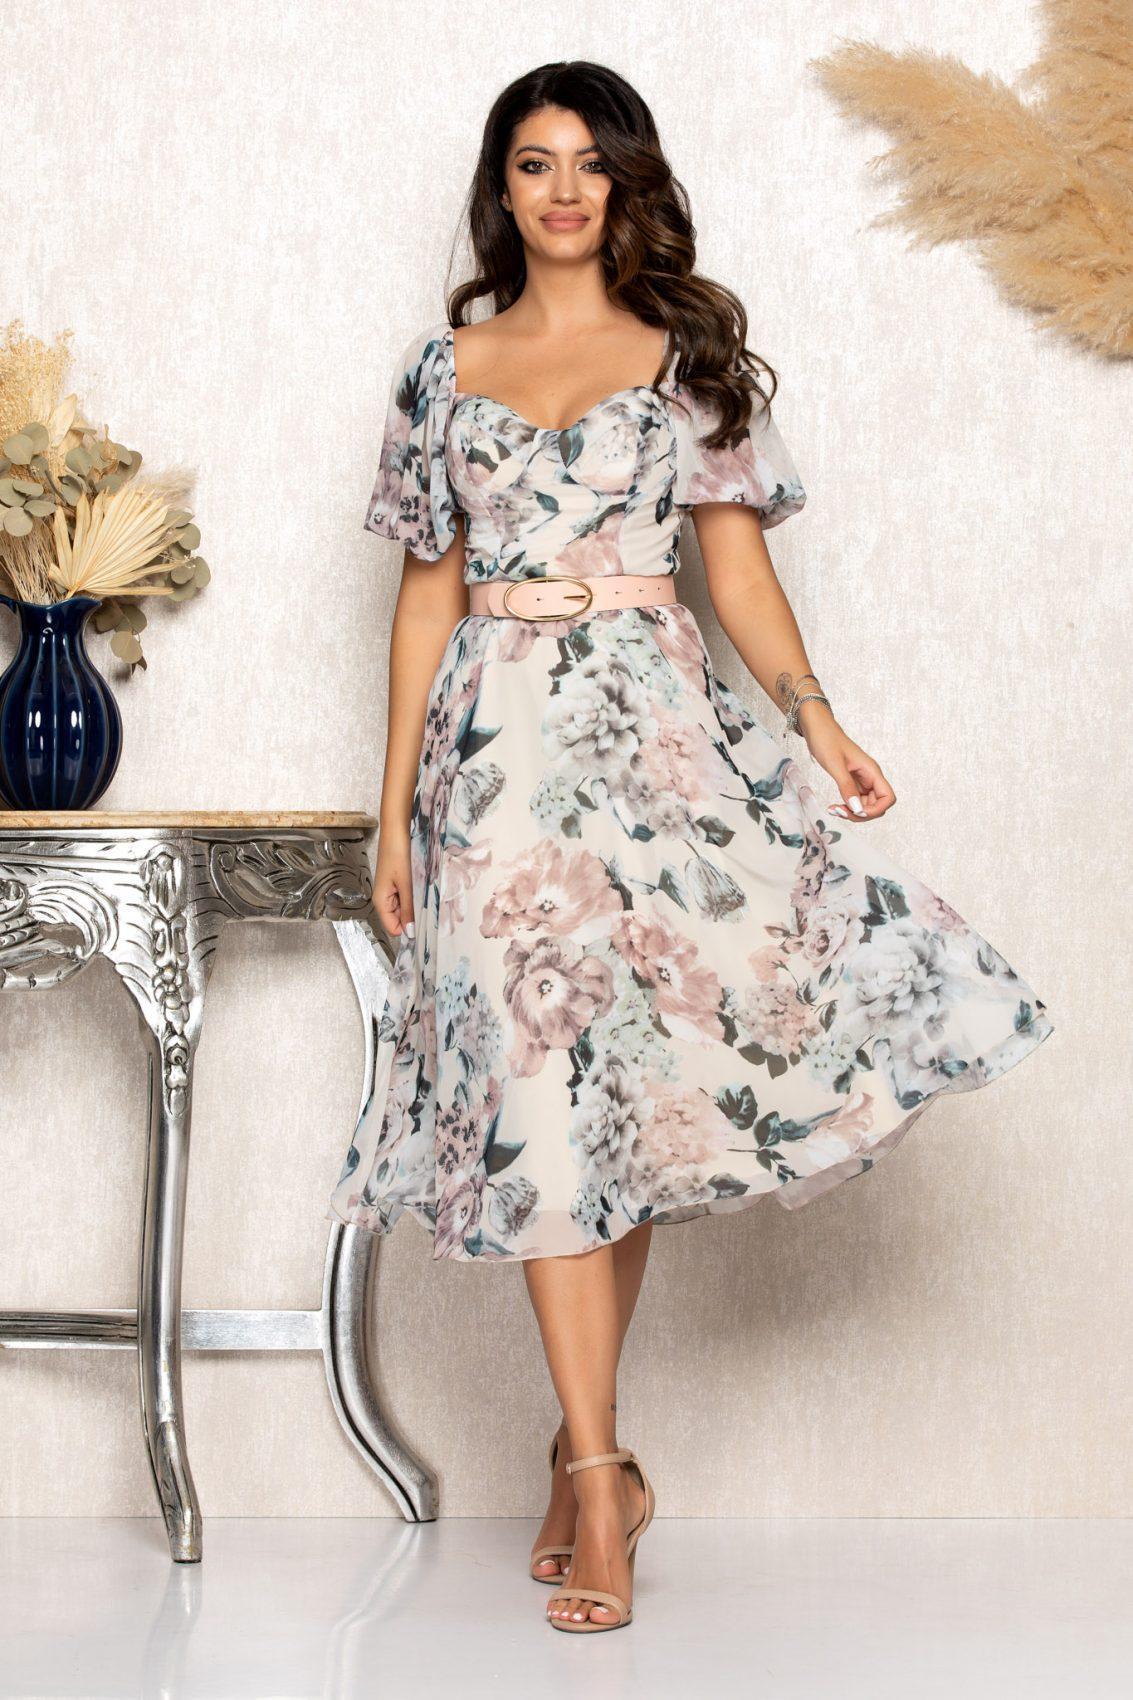 Nude Μίντι Φλοράλ Φόρεμα Emilly B110 1